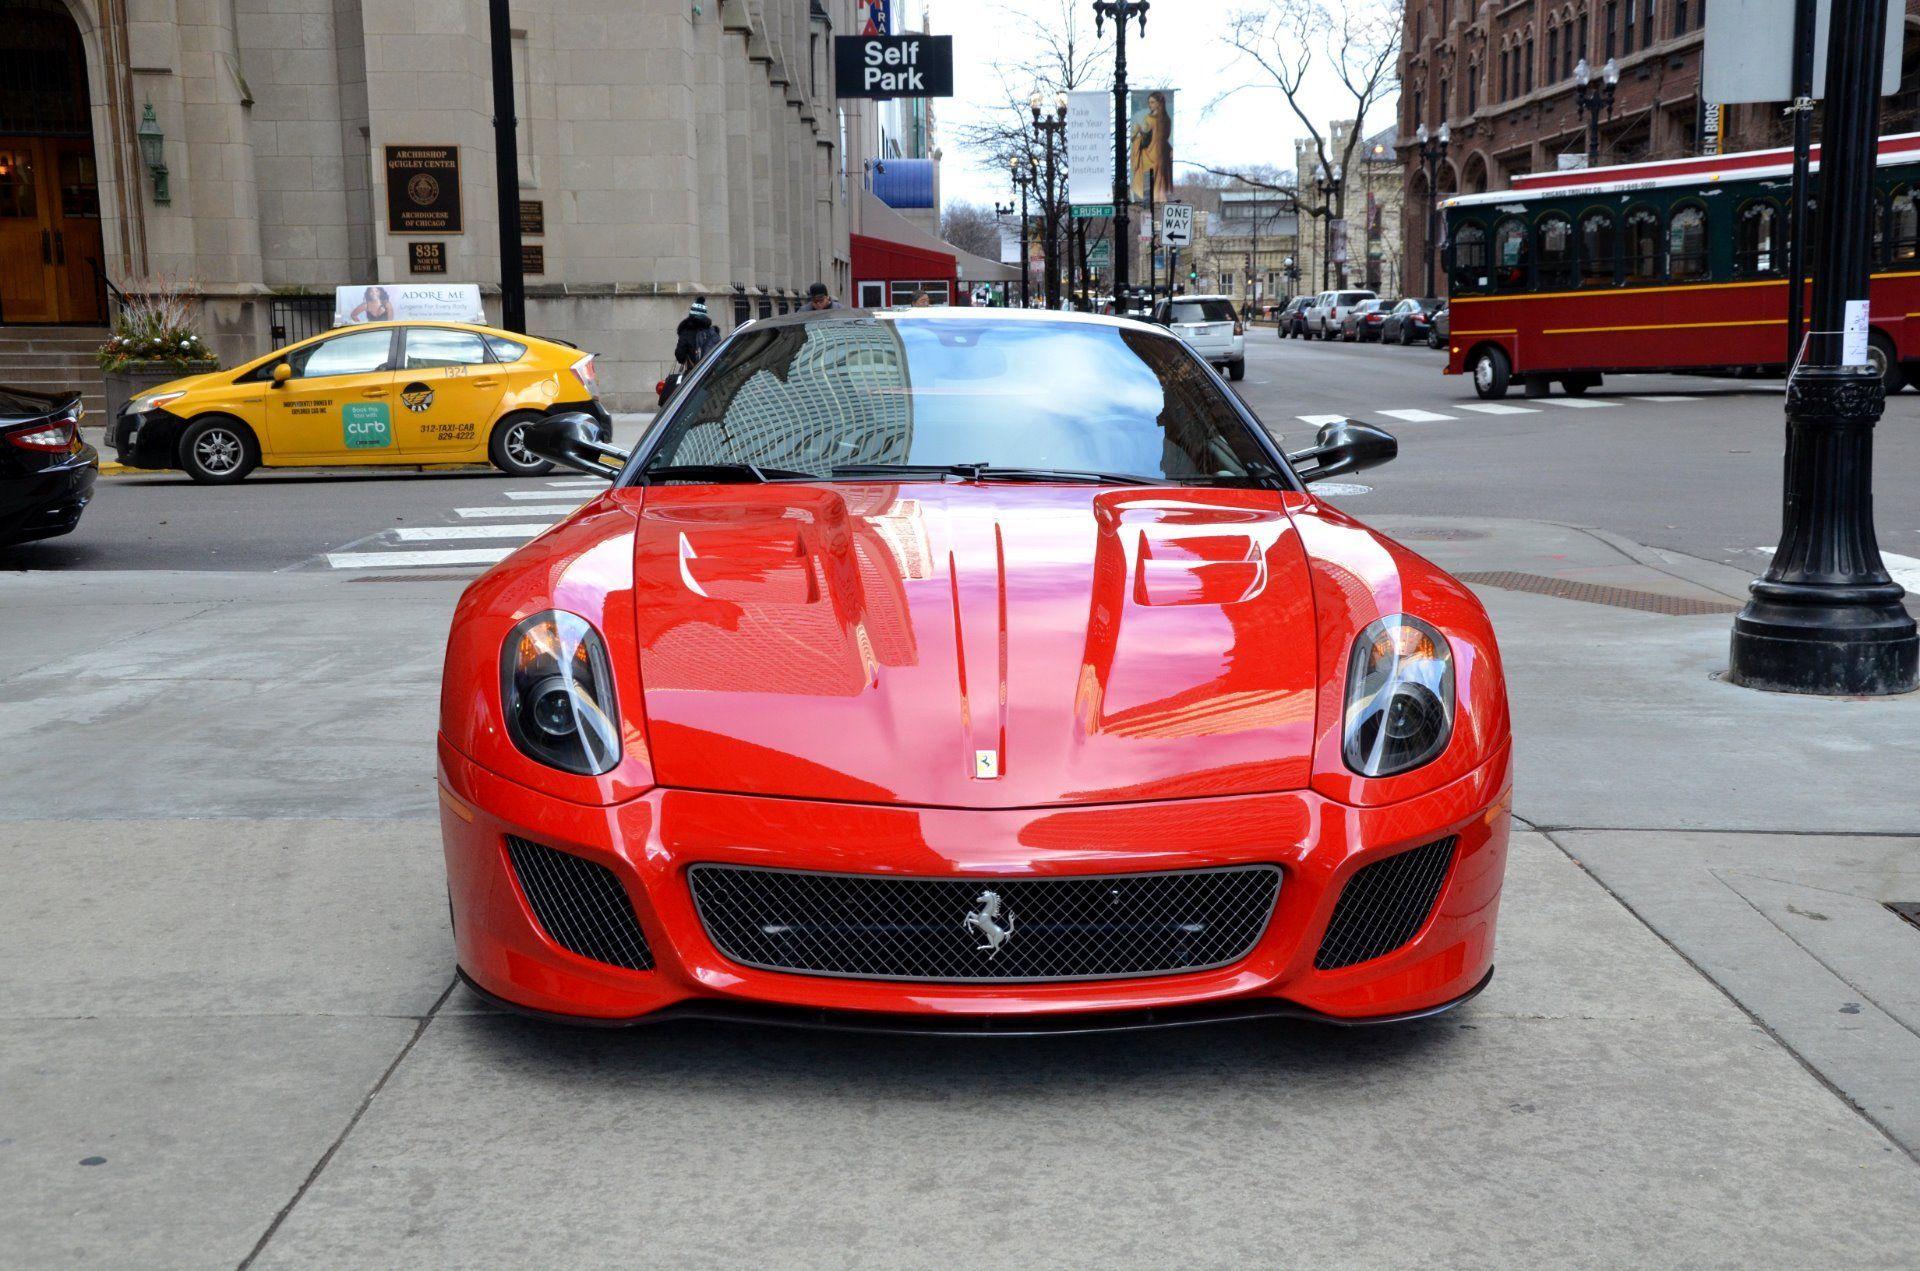 2011 ferrari 599 gto stock # gc2054 for sale near chicago, il   il